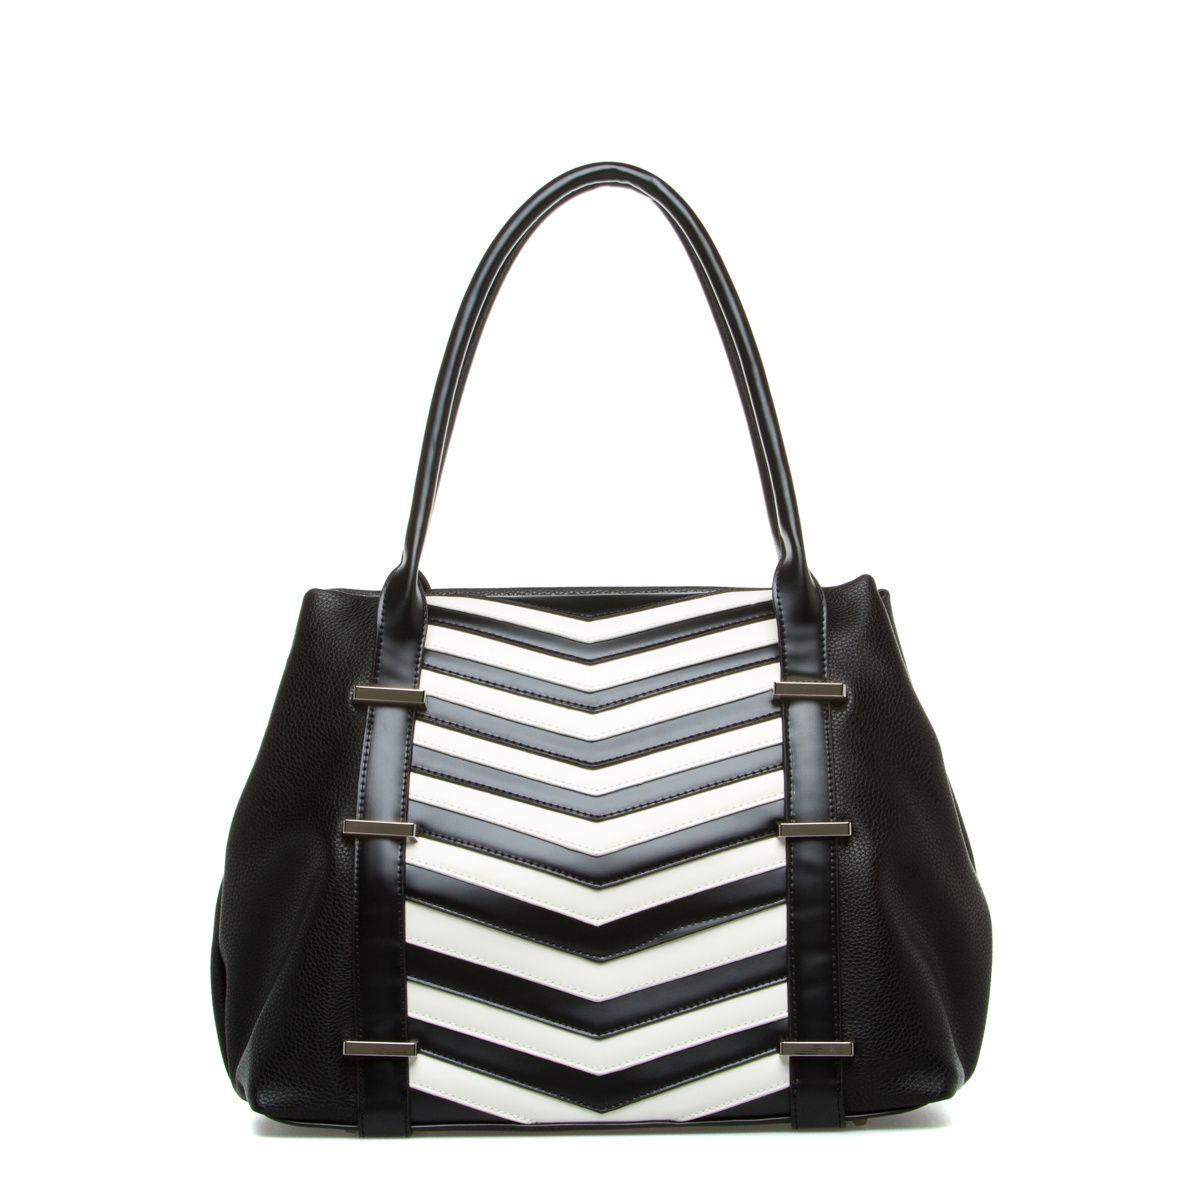 Hazzle Bag Gx By Gwen Stefani